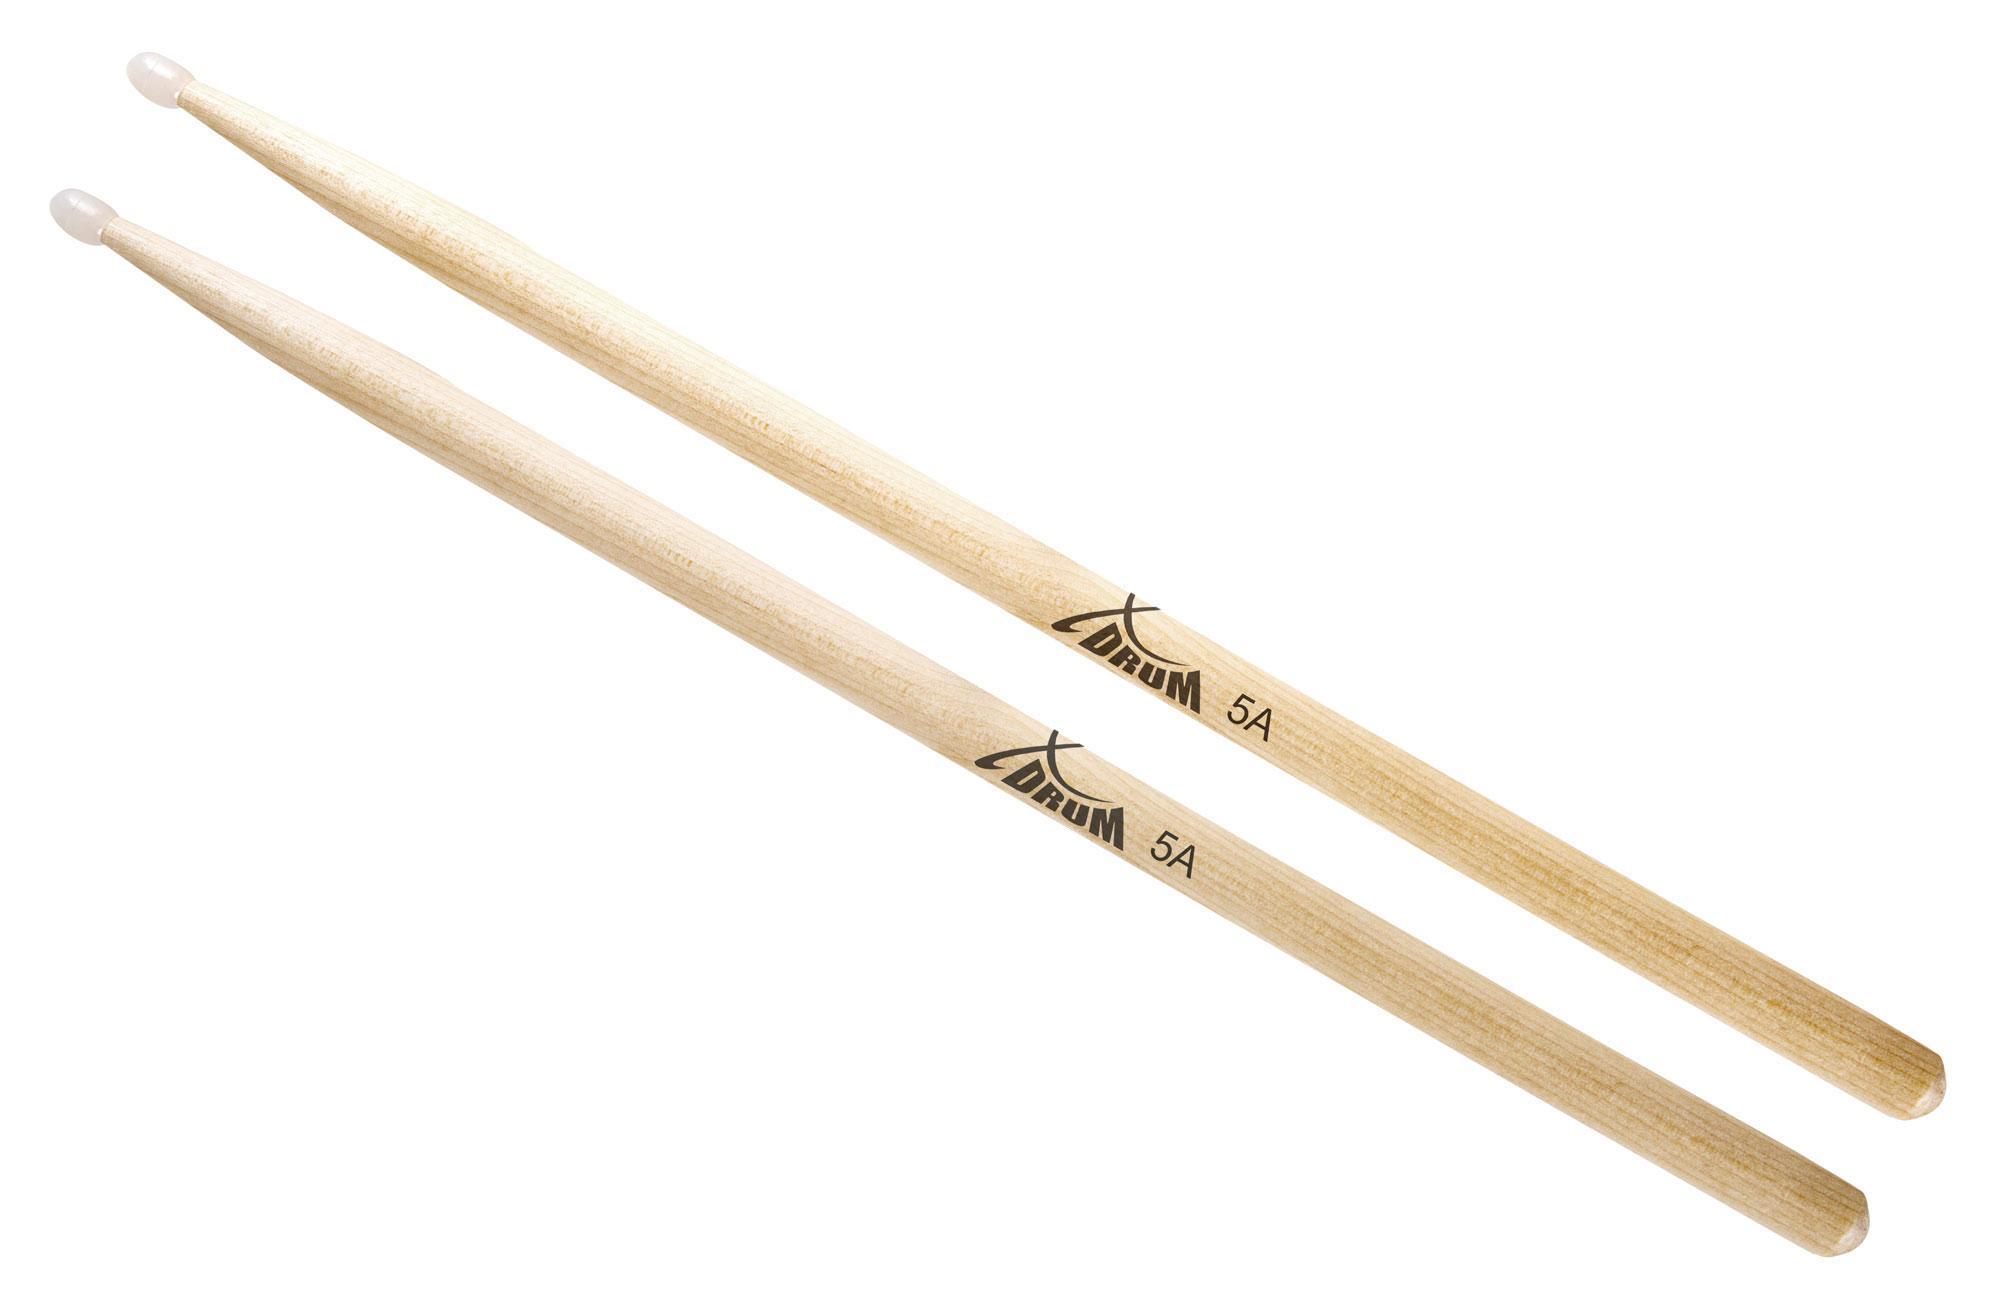 xdrum drum sticks starter set. Black Bedroom Furniture Sets. Home Design Ideas